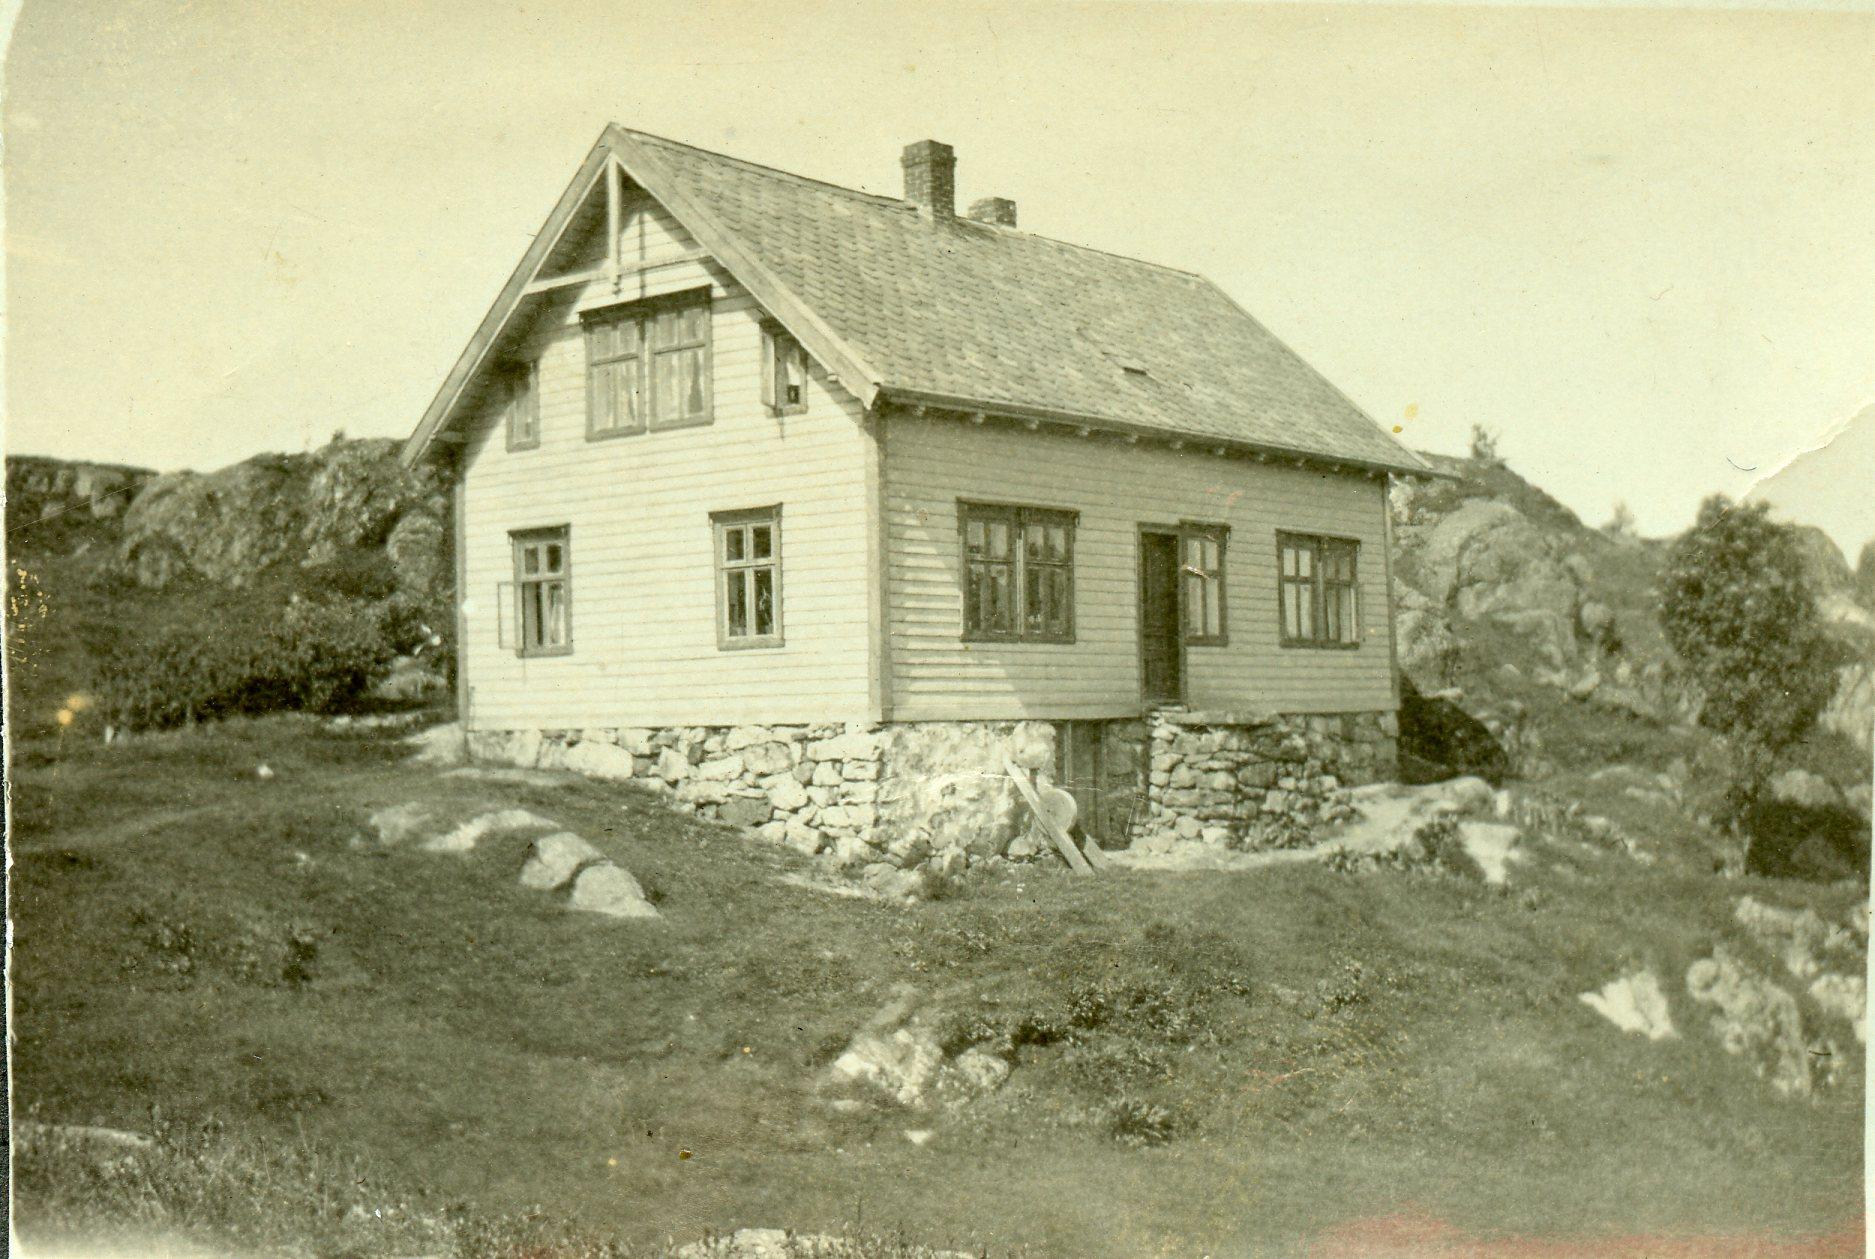 Bilde av et hus